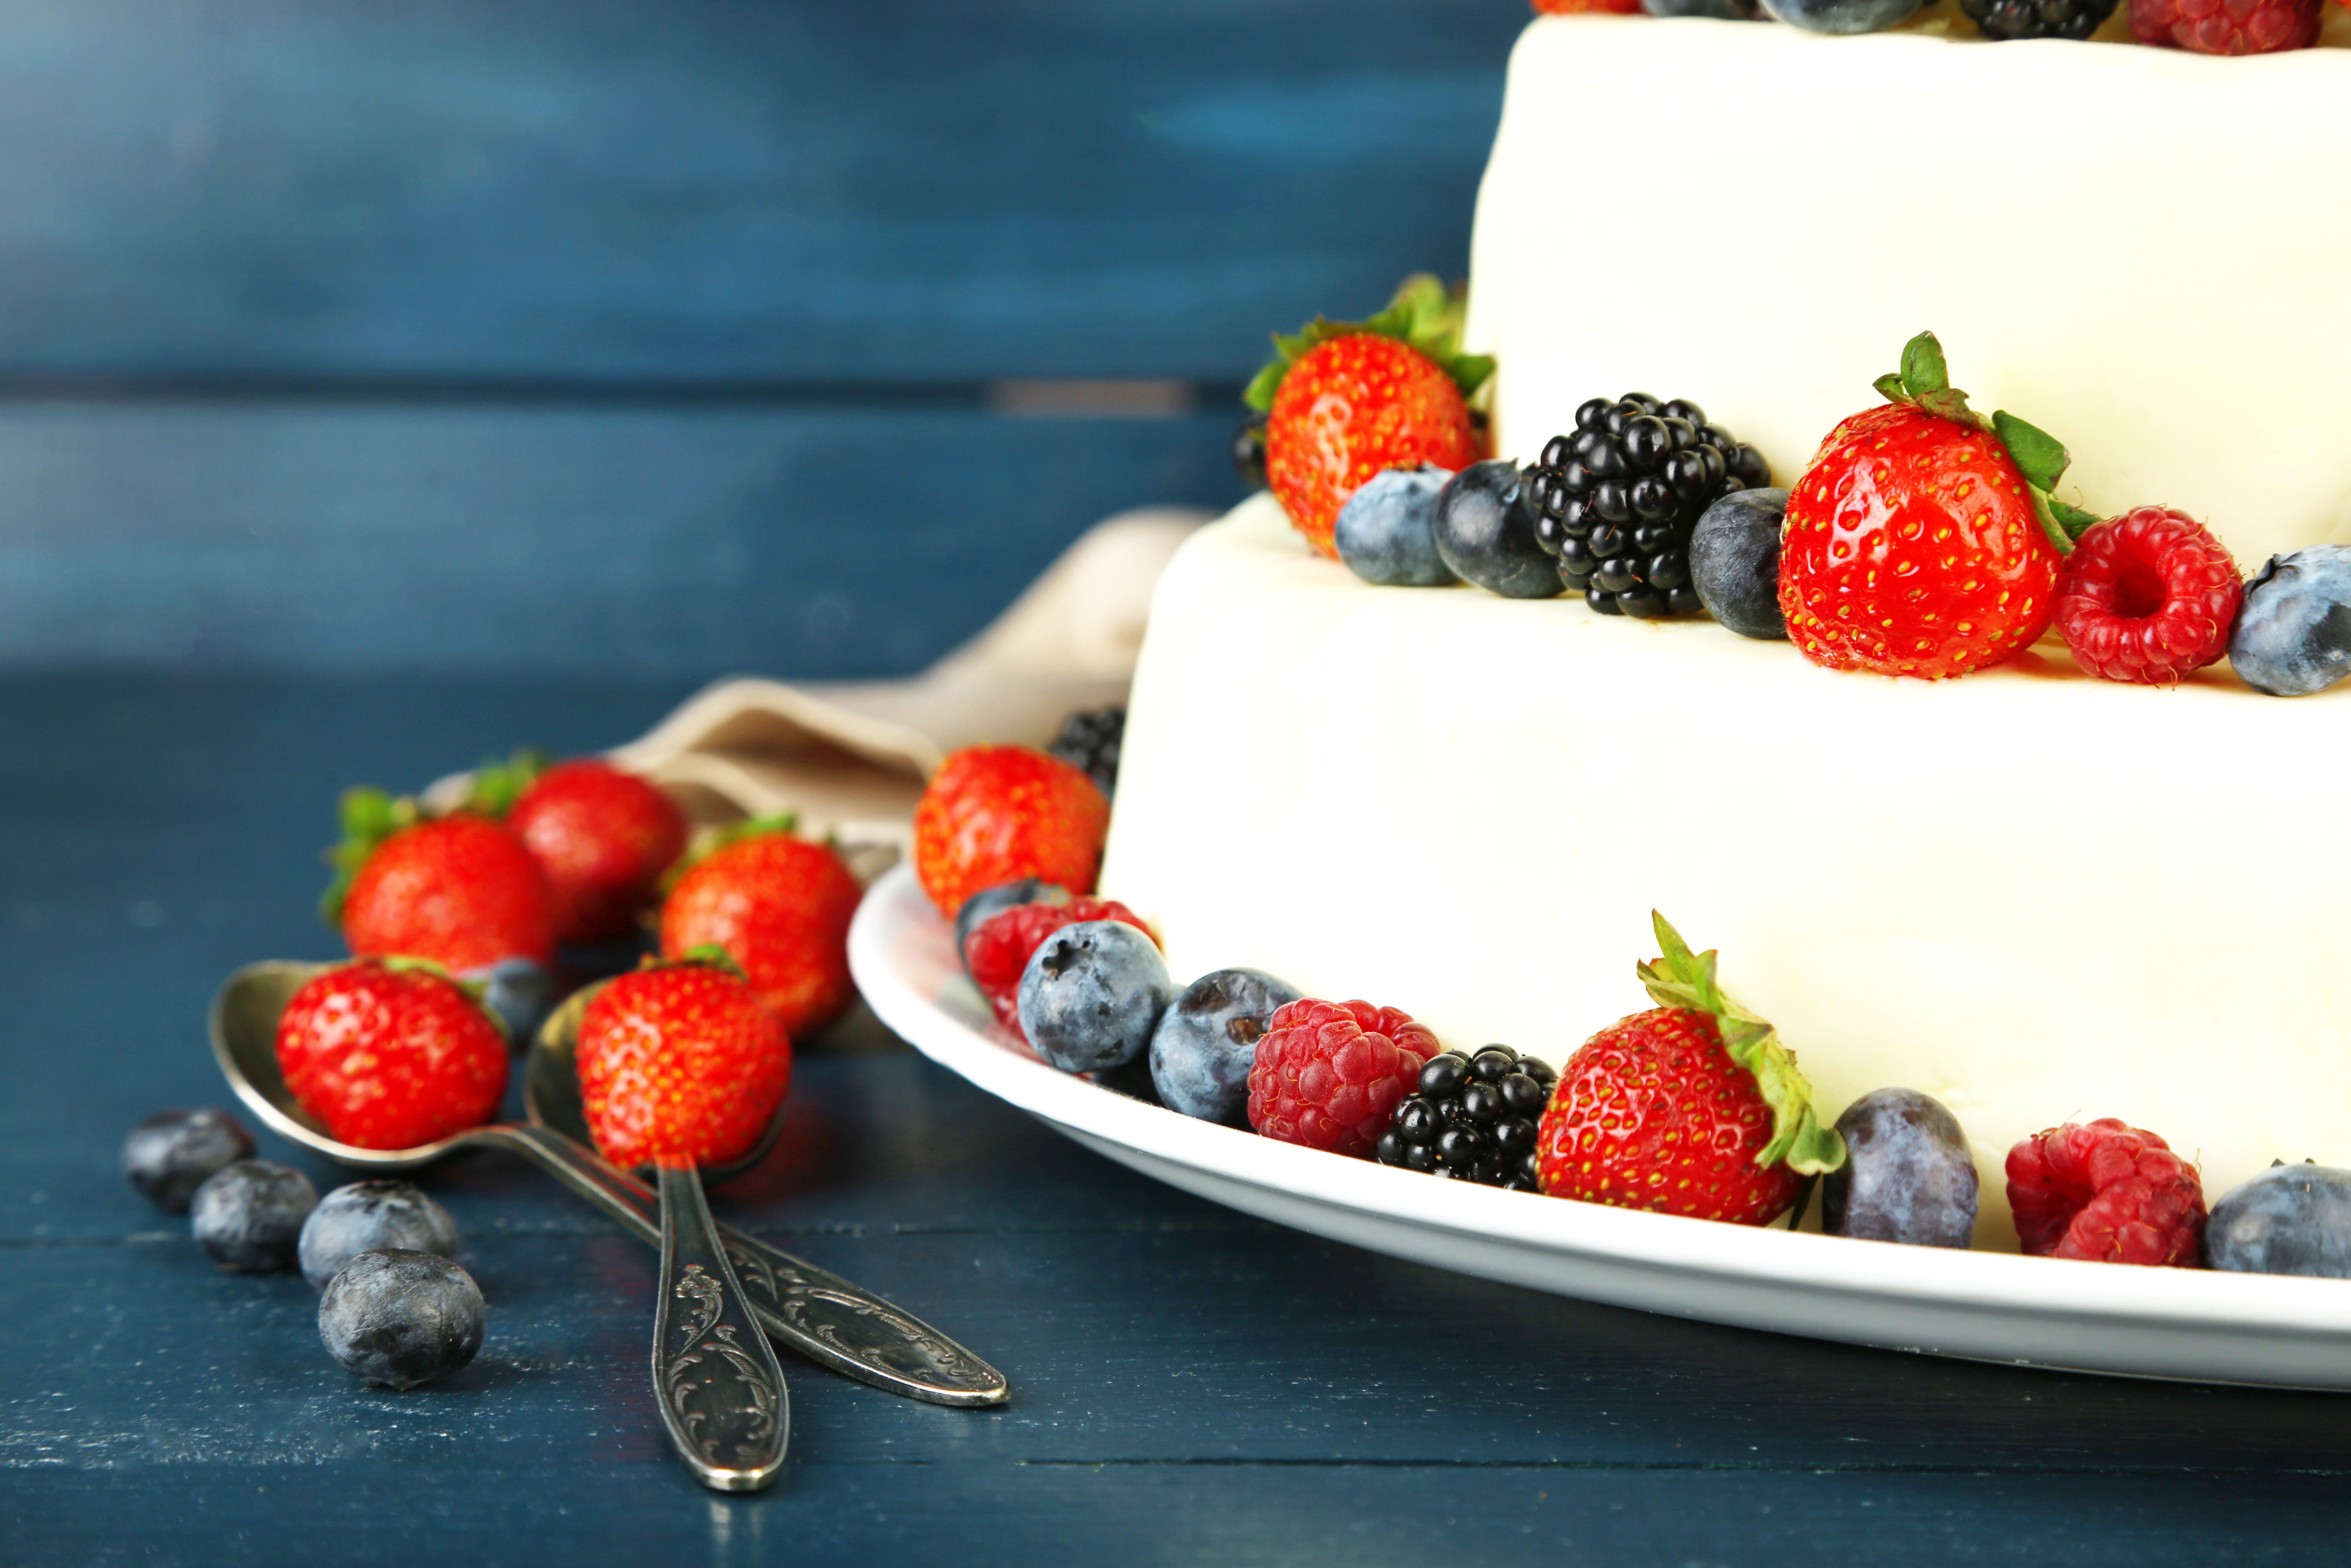 Белый торт с кусочками фруктов  № 2171510 без смс